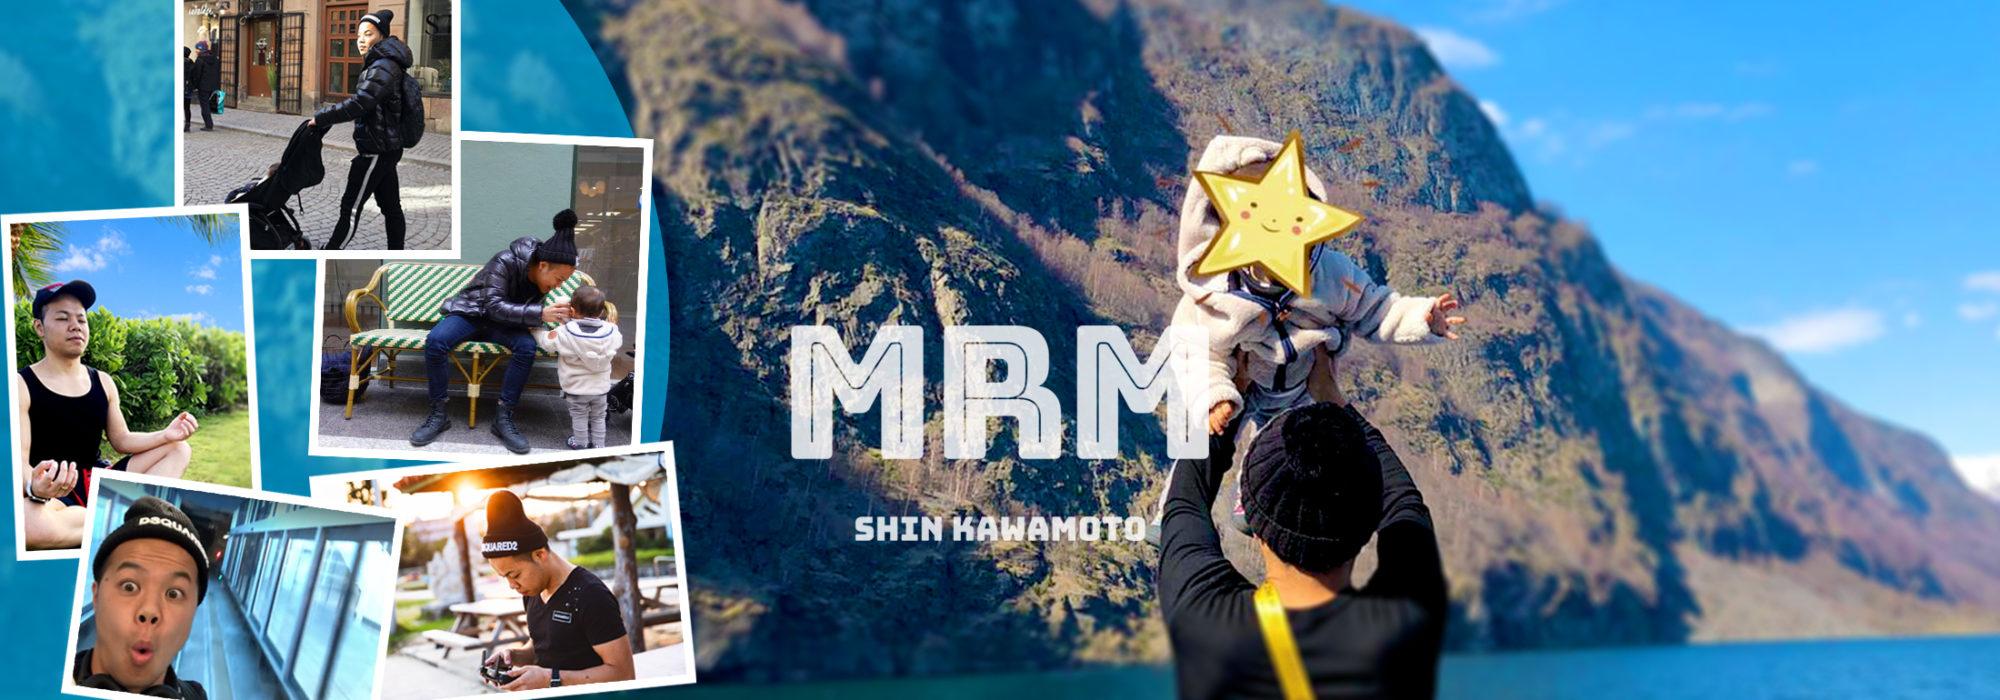 河本真(Mr.M)の公式blog